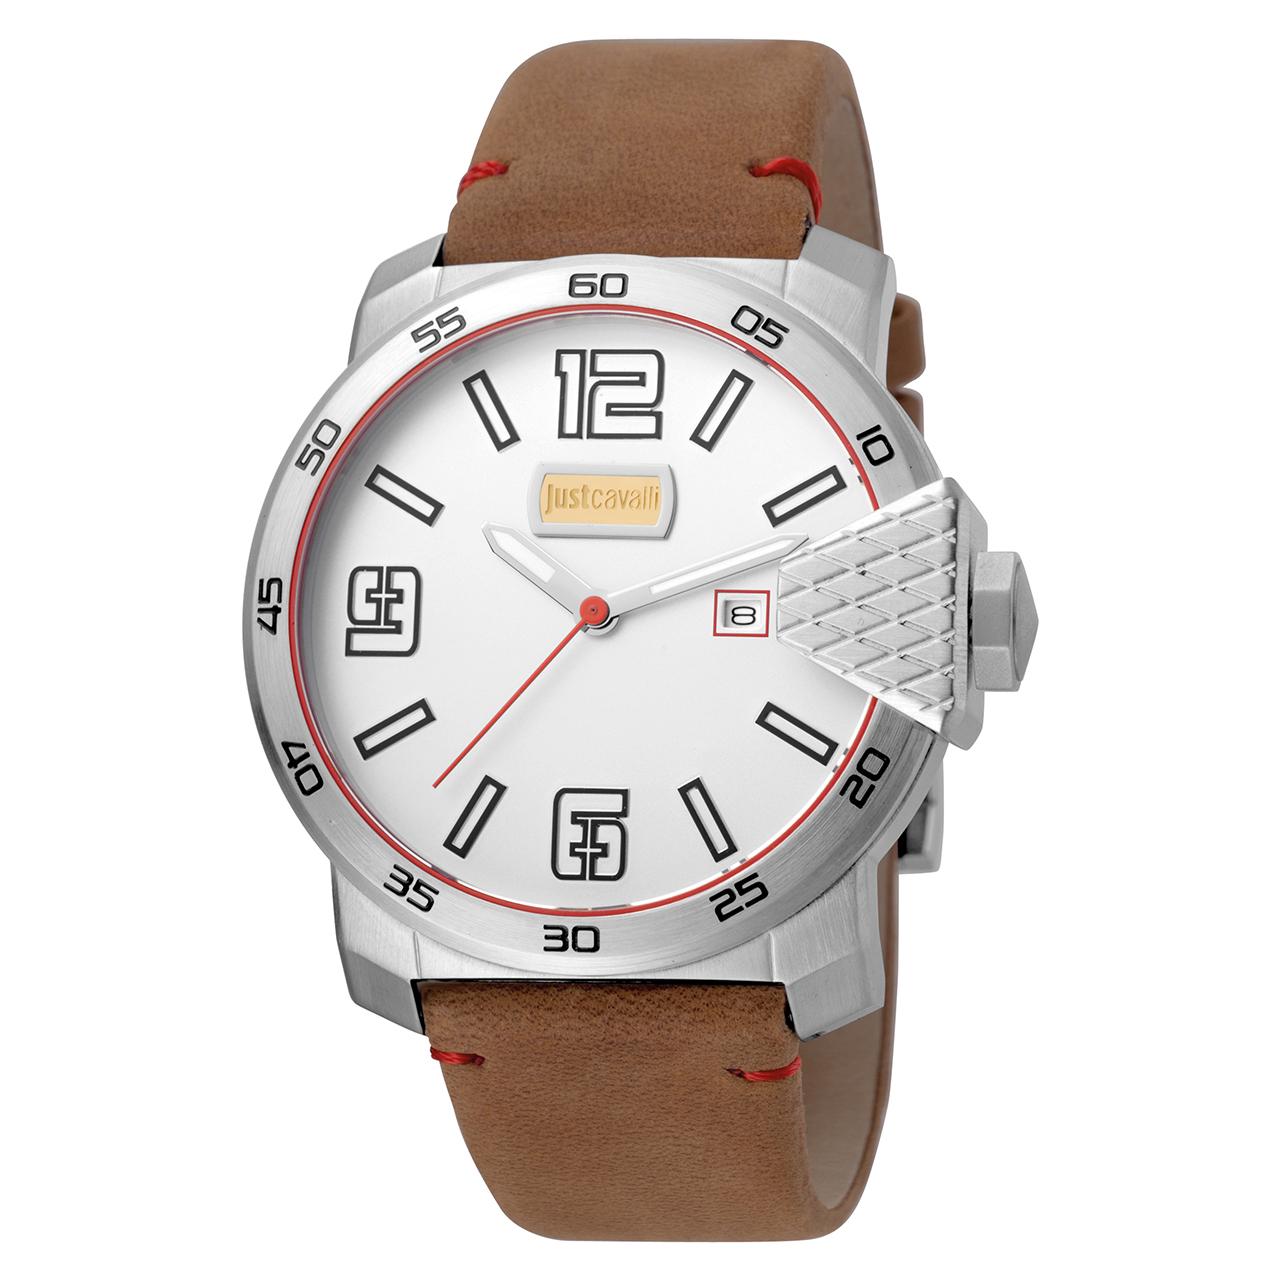 ساعت مچی عقربه ای مردانه جاست کاوالی مدل JC1G015L0015